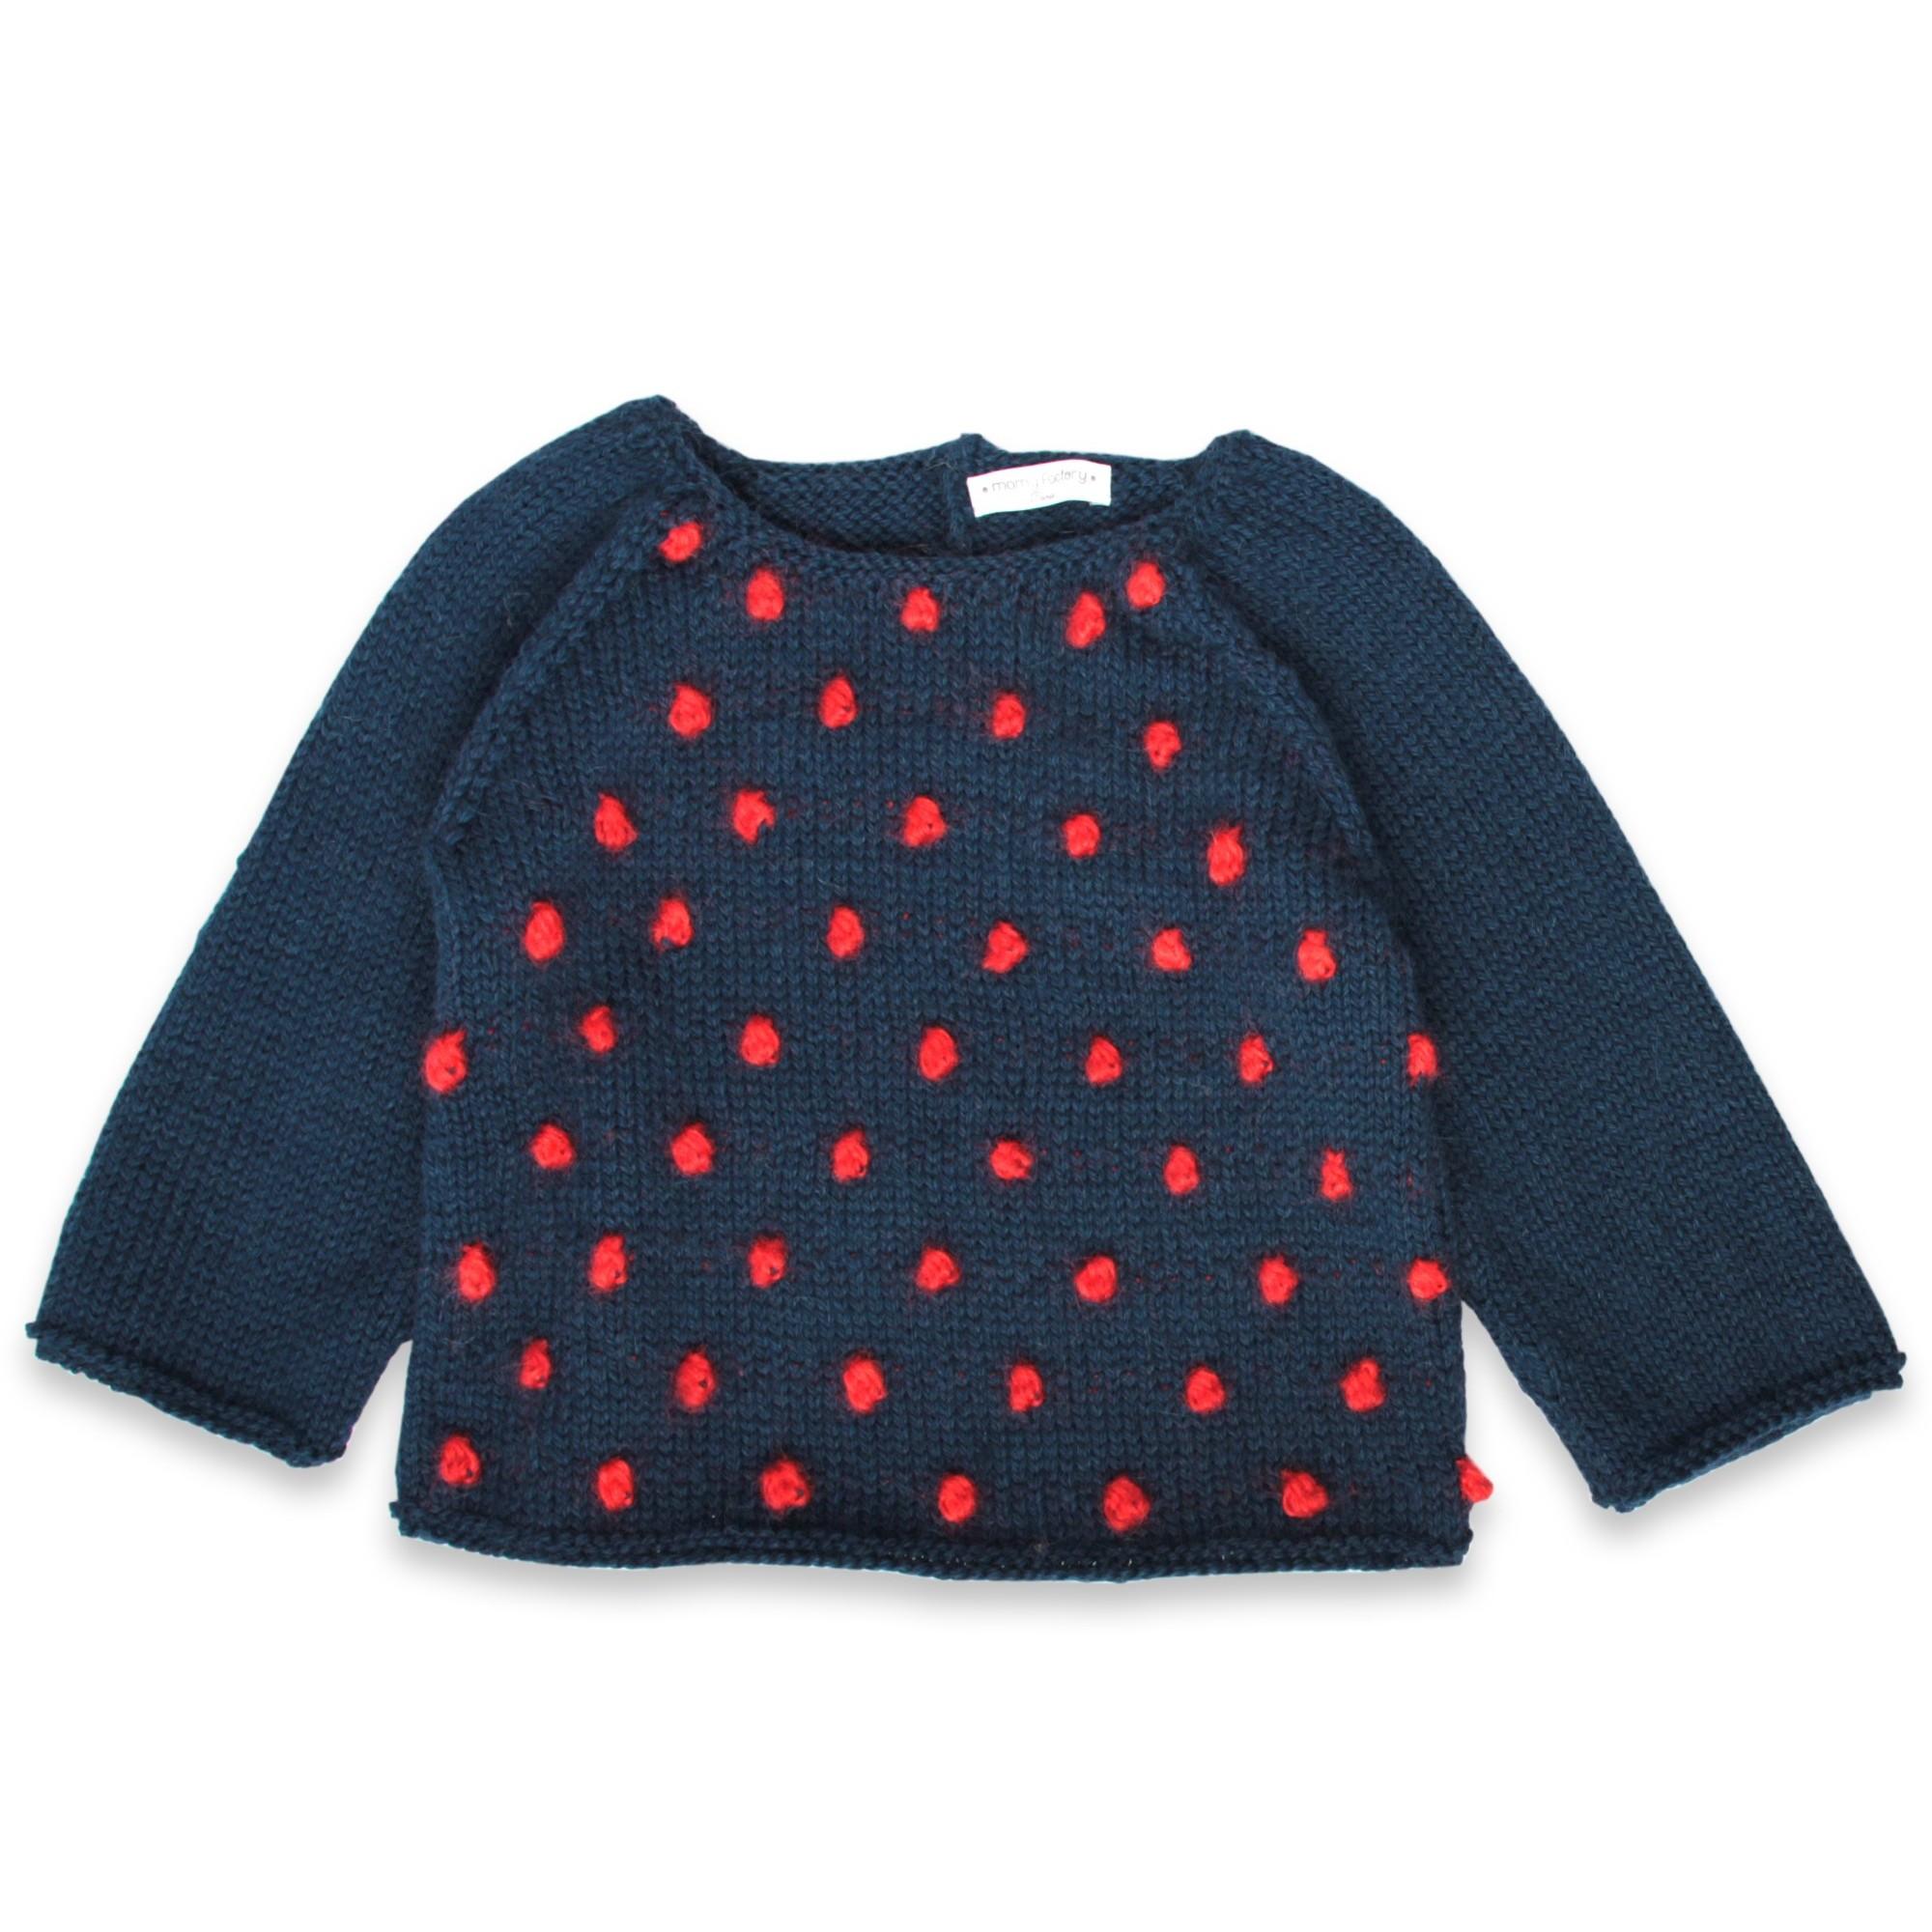 les tricots de mamy pull enfant marine avec petites boules rouges tricot es en relief sur le. Black Bedroom Furniture Sets. Home Design Ideas